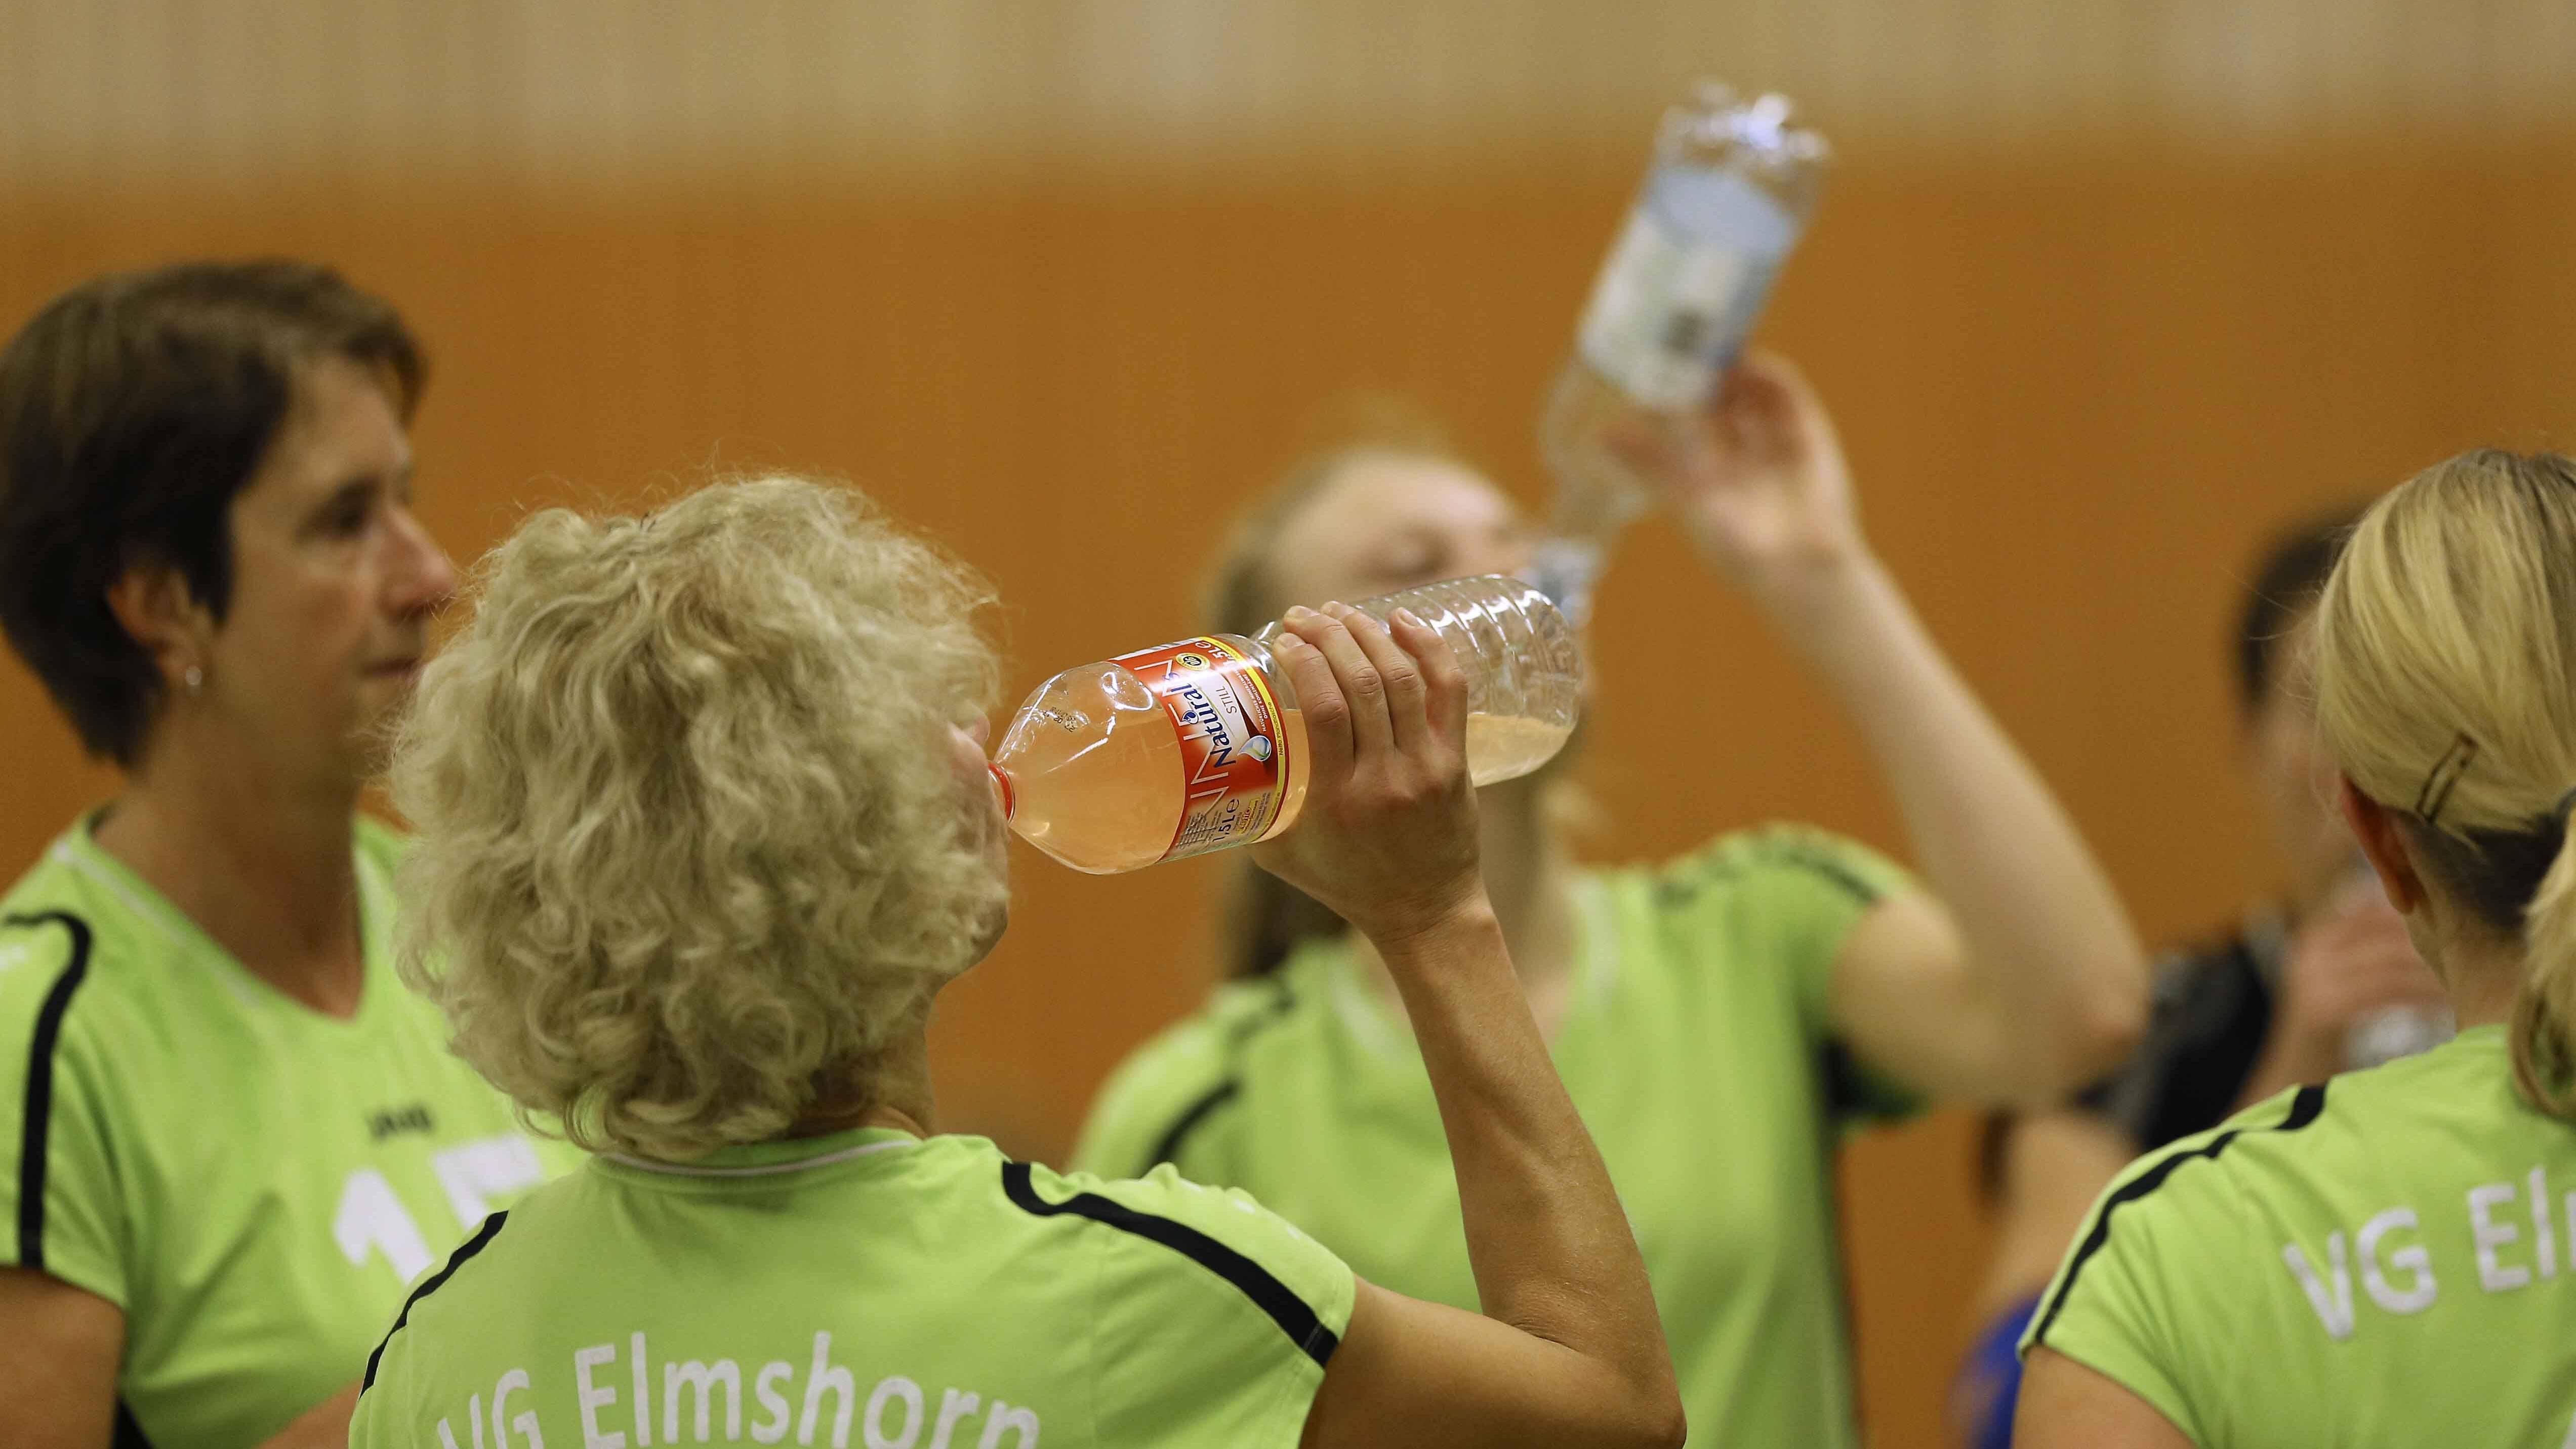 Nicht nur beim Sport, sondern auch bei Verstopfungen hilft viel Flüssigkeit.